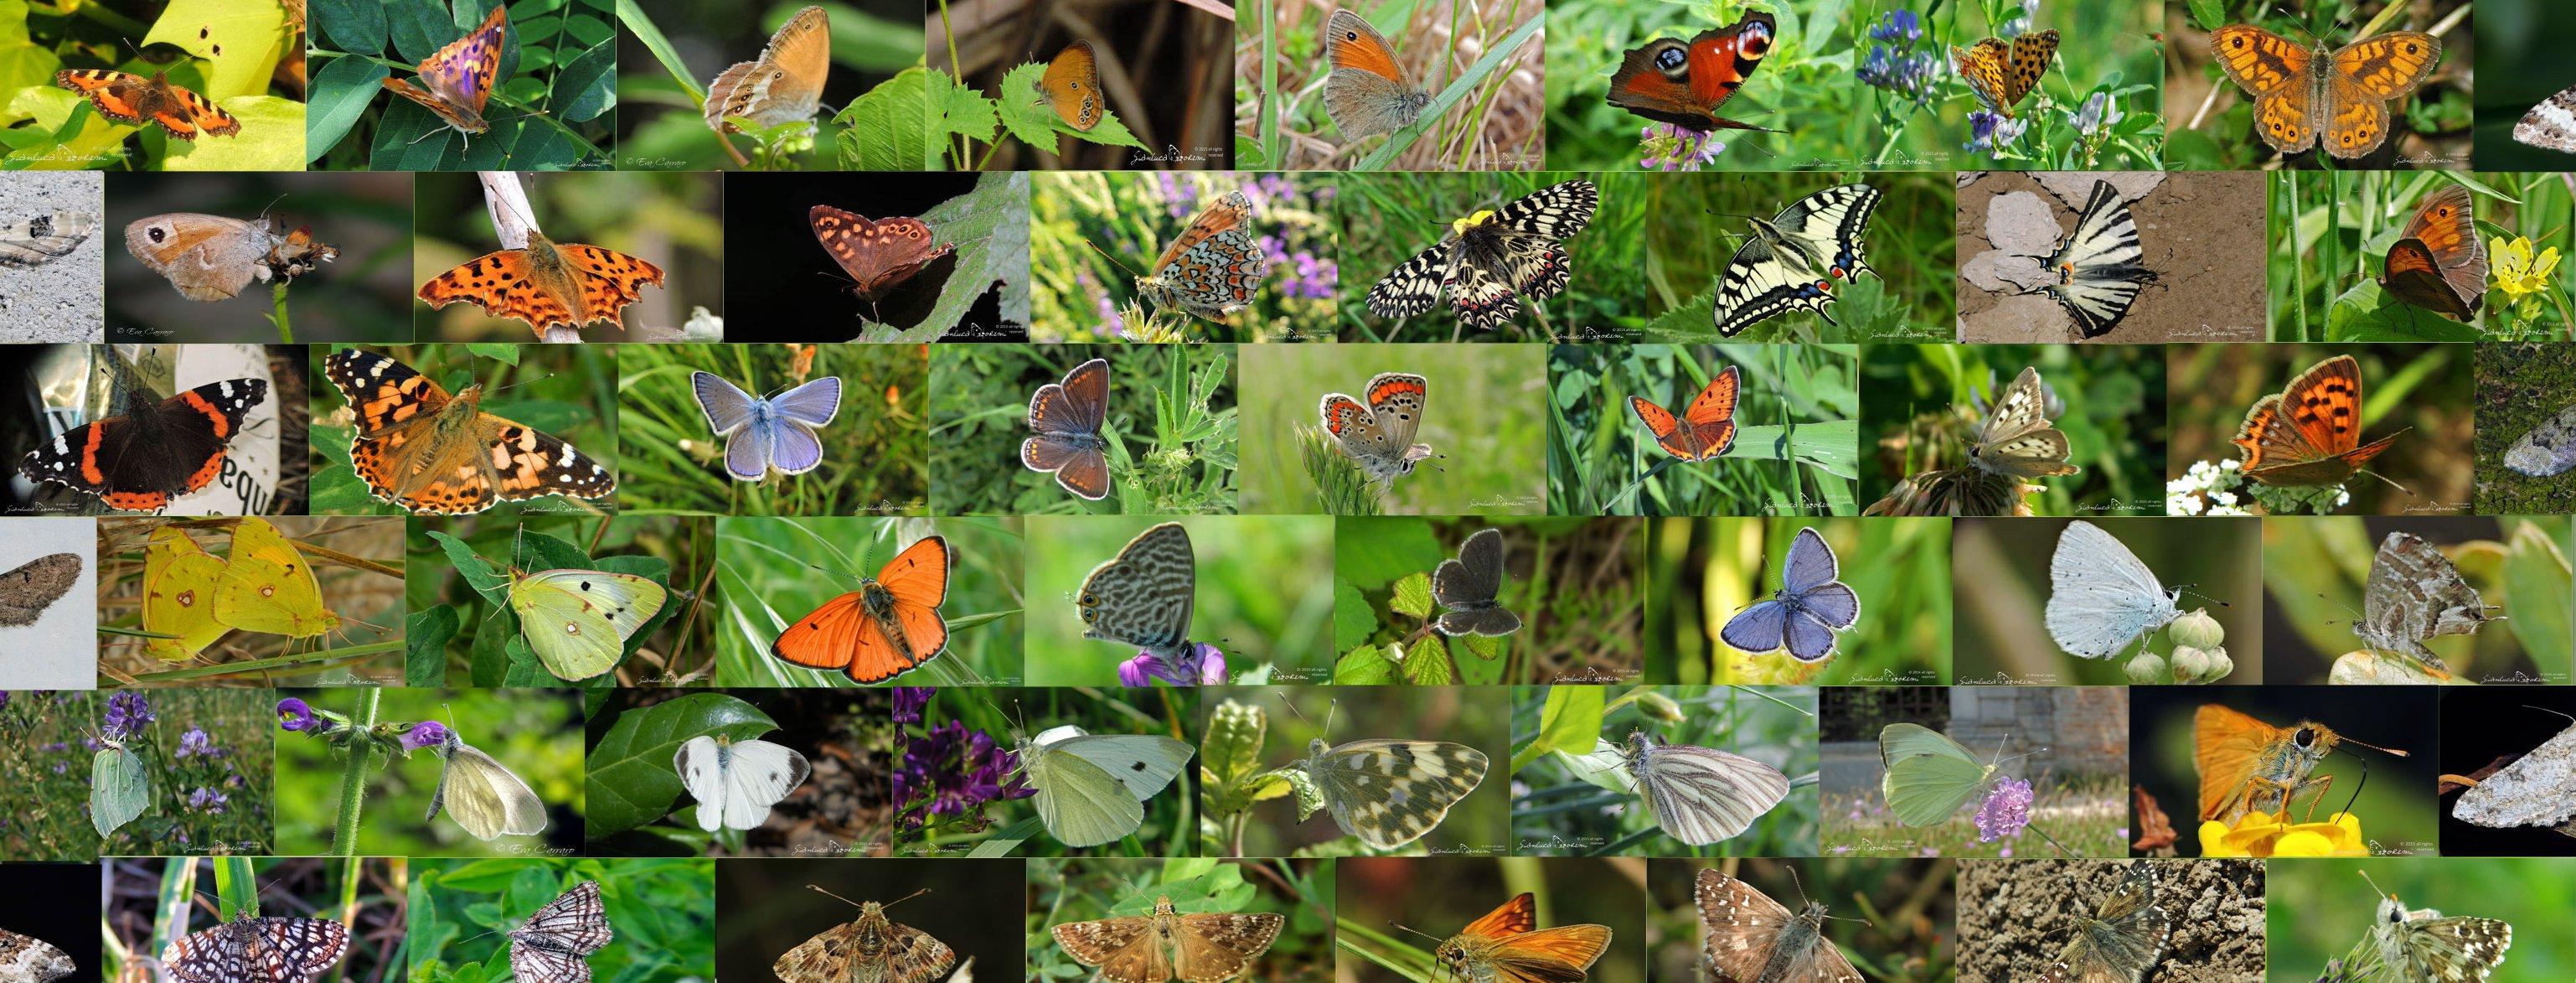 Lepidotteri della Bassa friulana - © Gianluca Doremi insetti